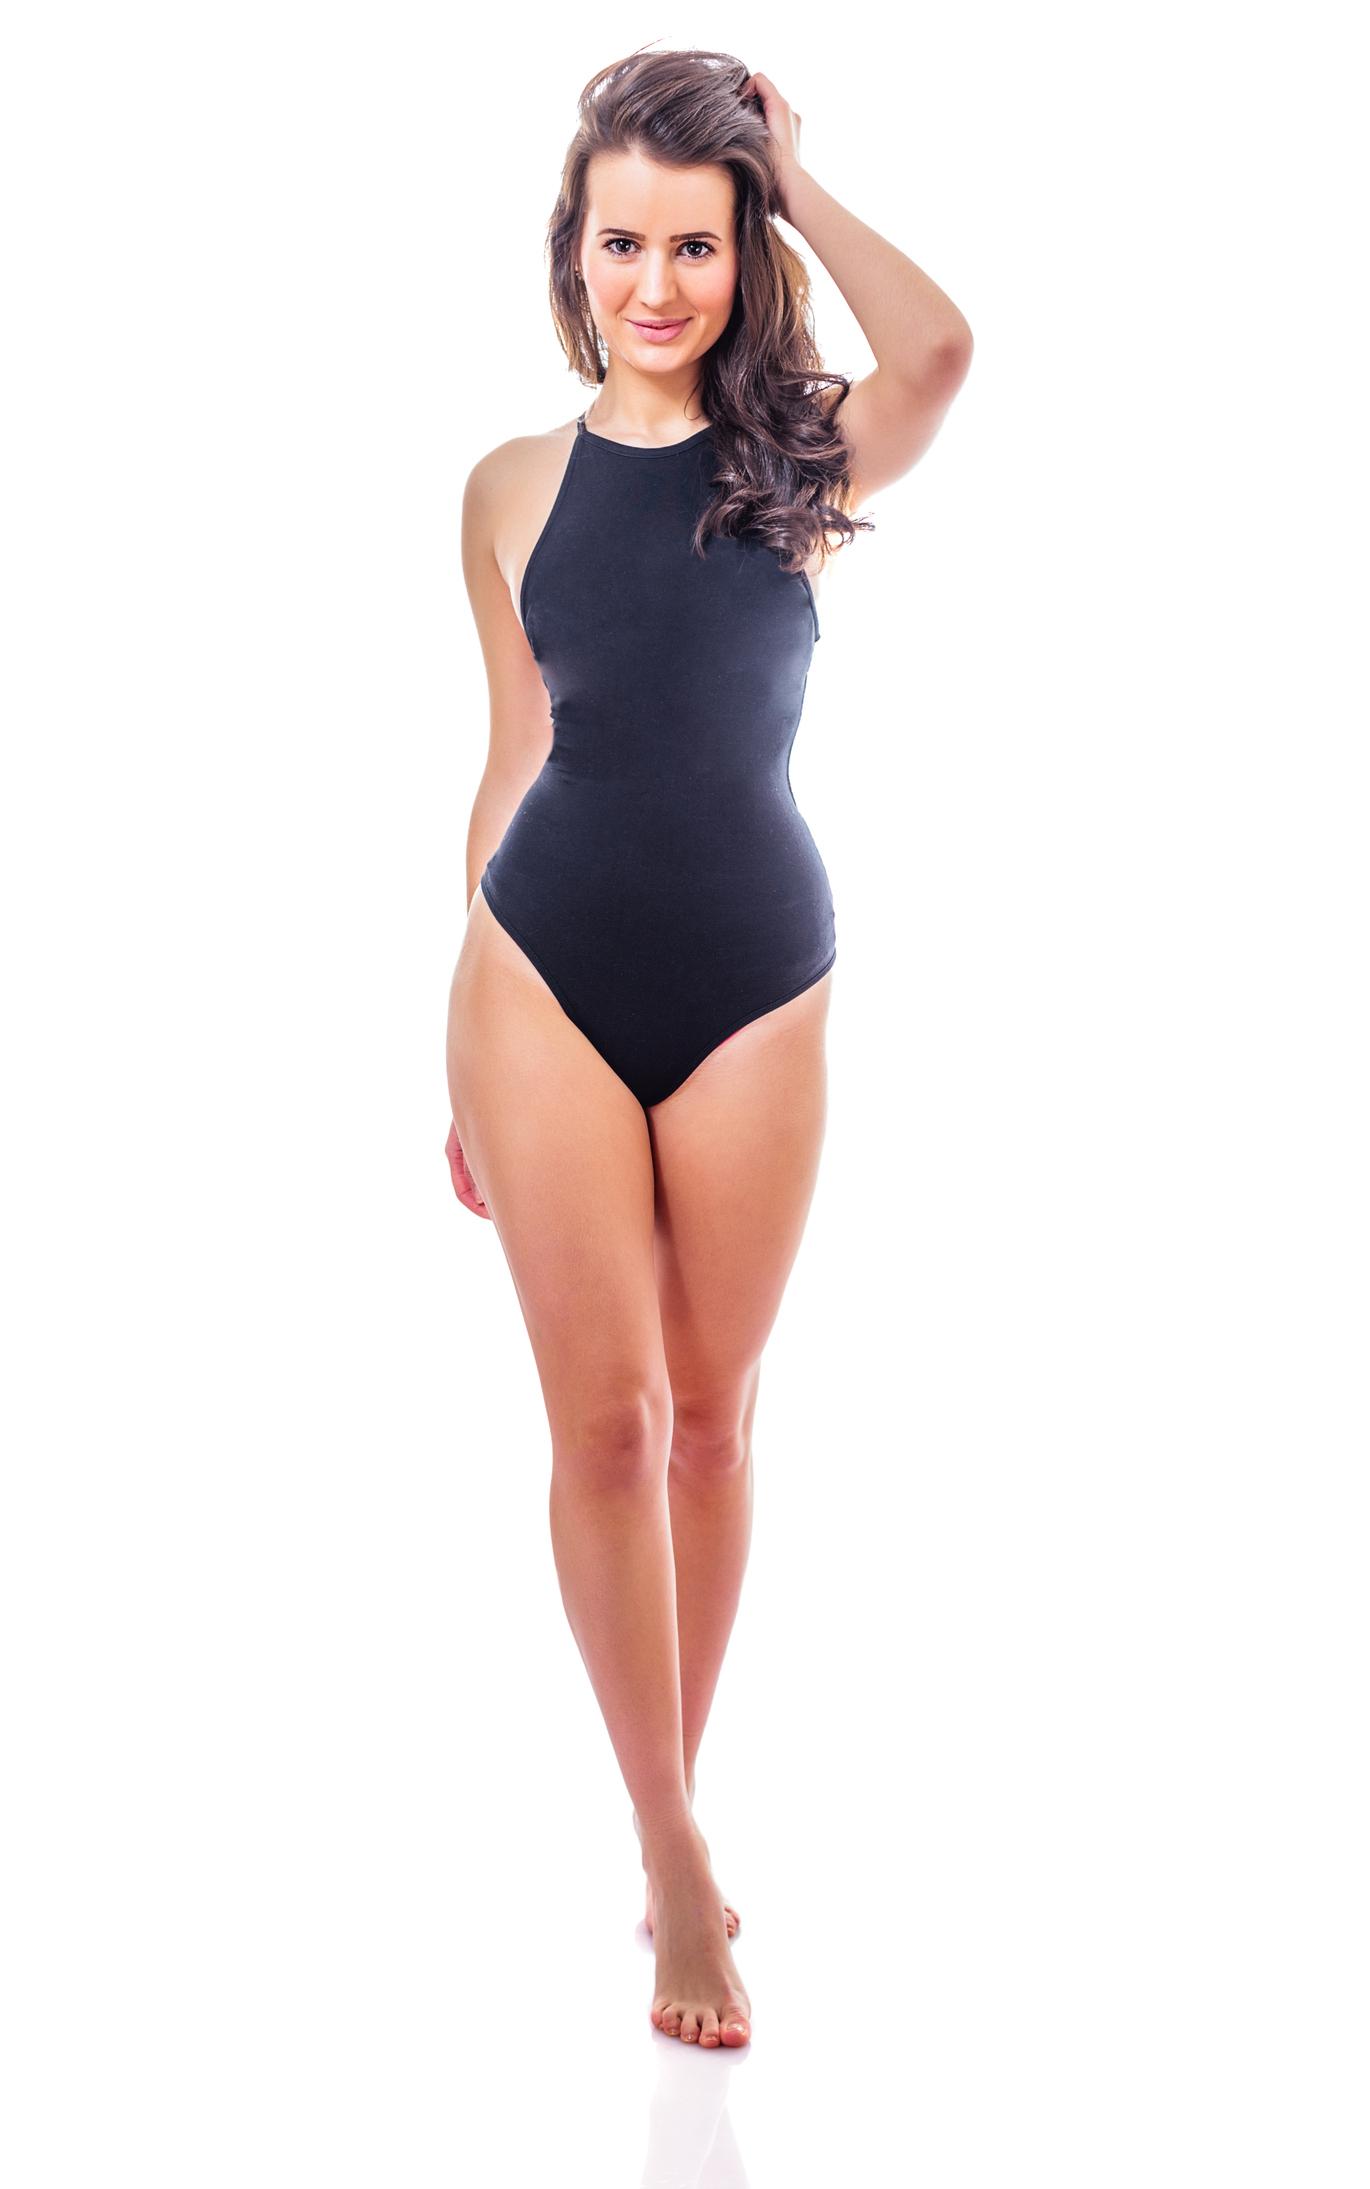 girl-in-black-swimsuit-640239436_1372x2192.jpeg